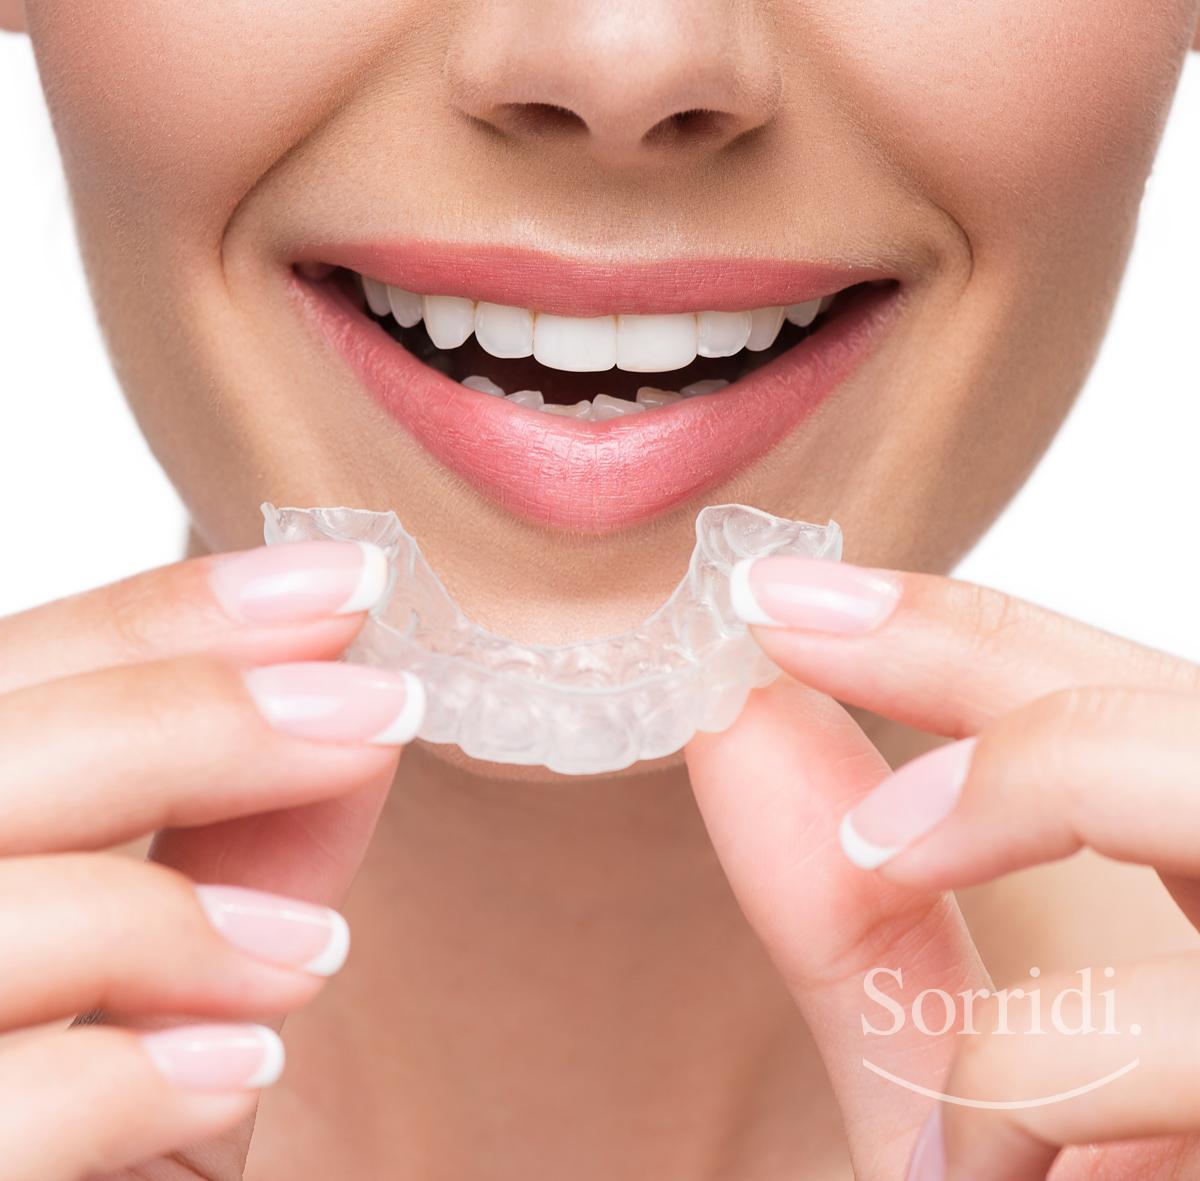 sorridi-ch-magazine-dentista-locarno-apparecchio-invisibile